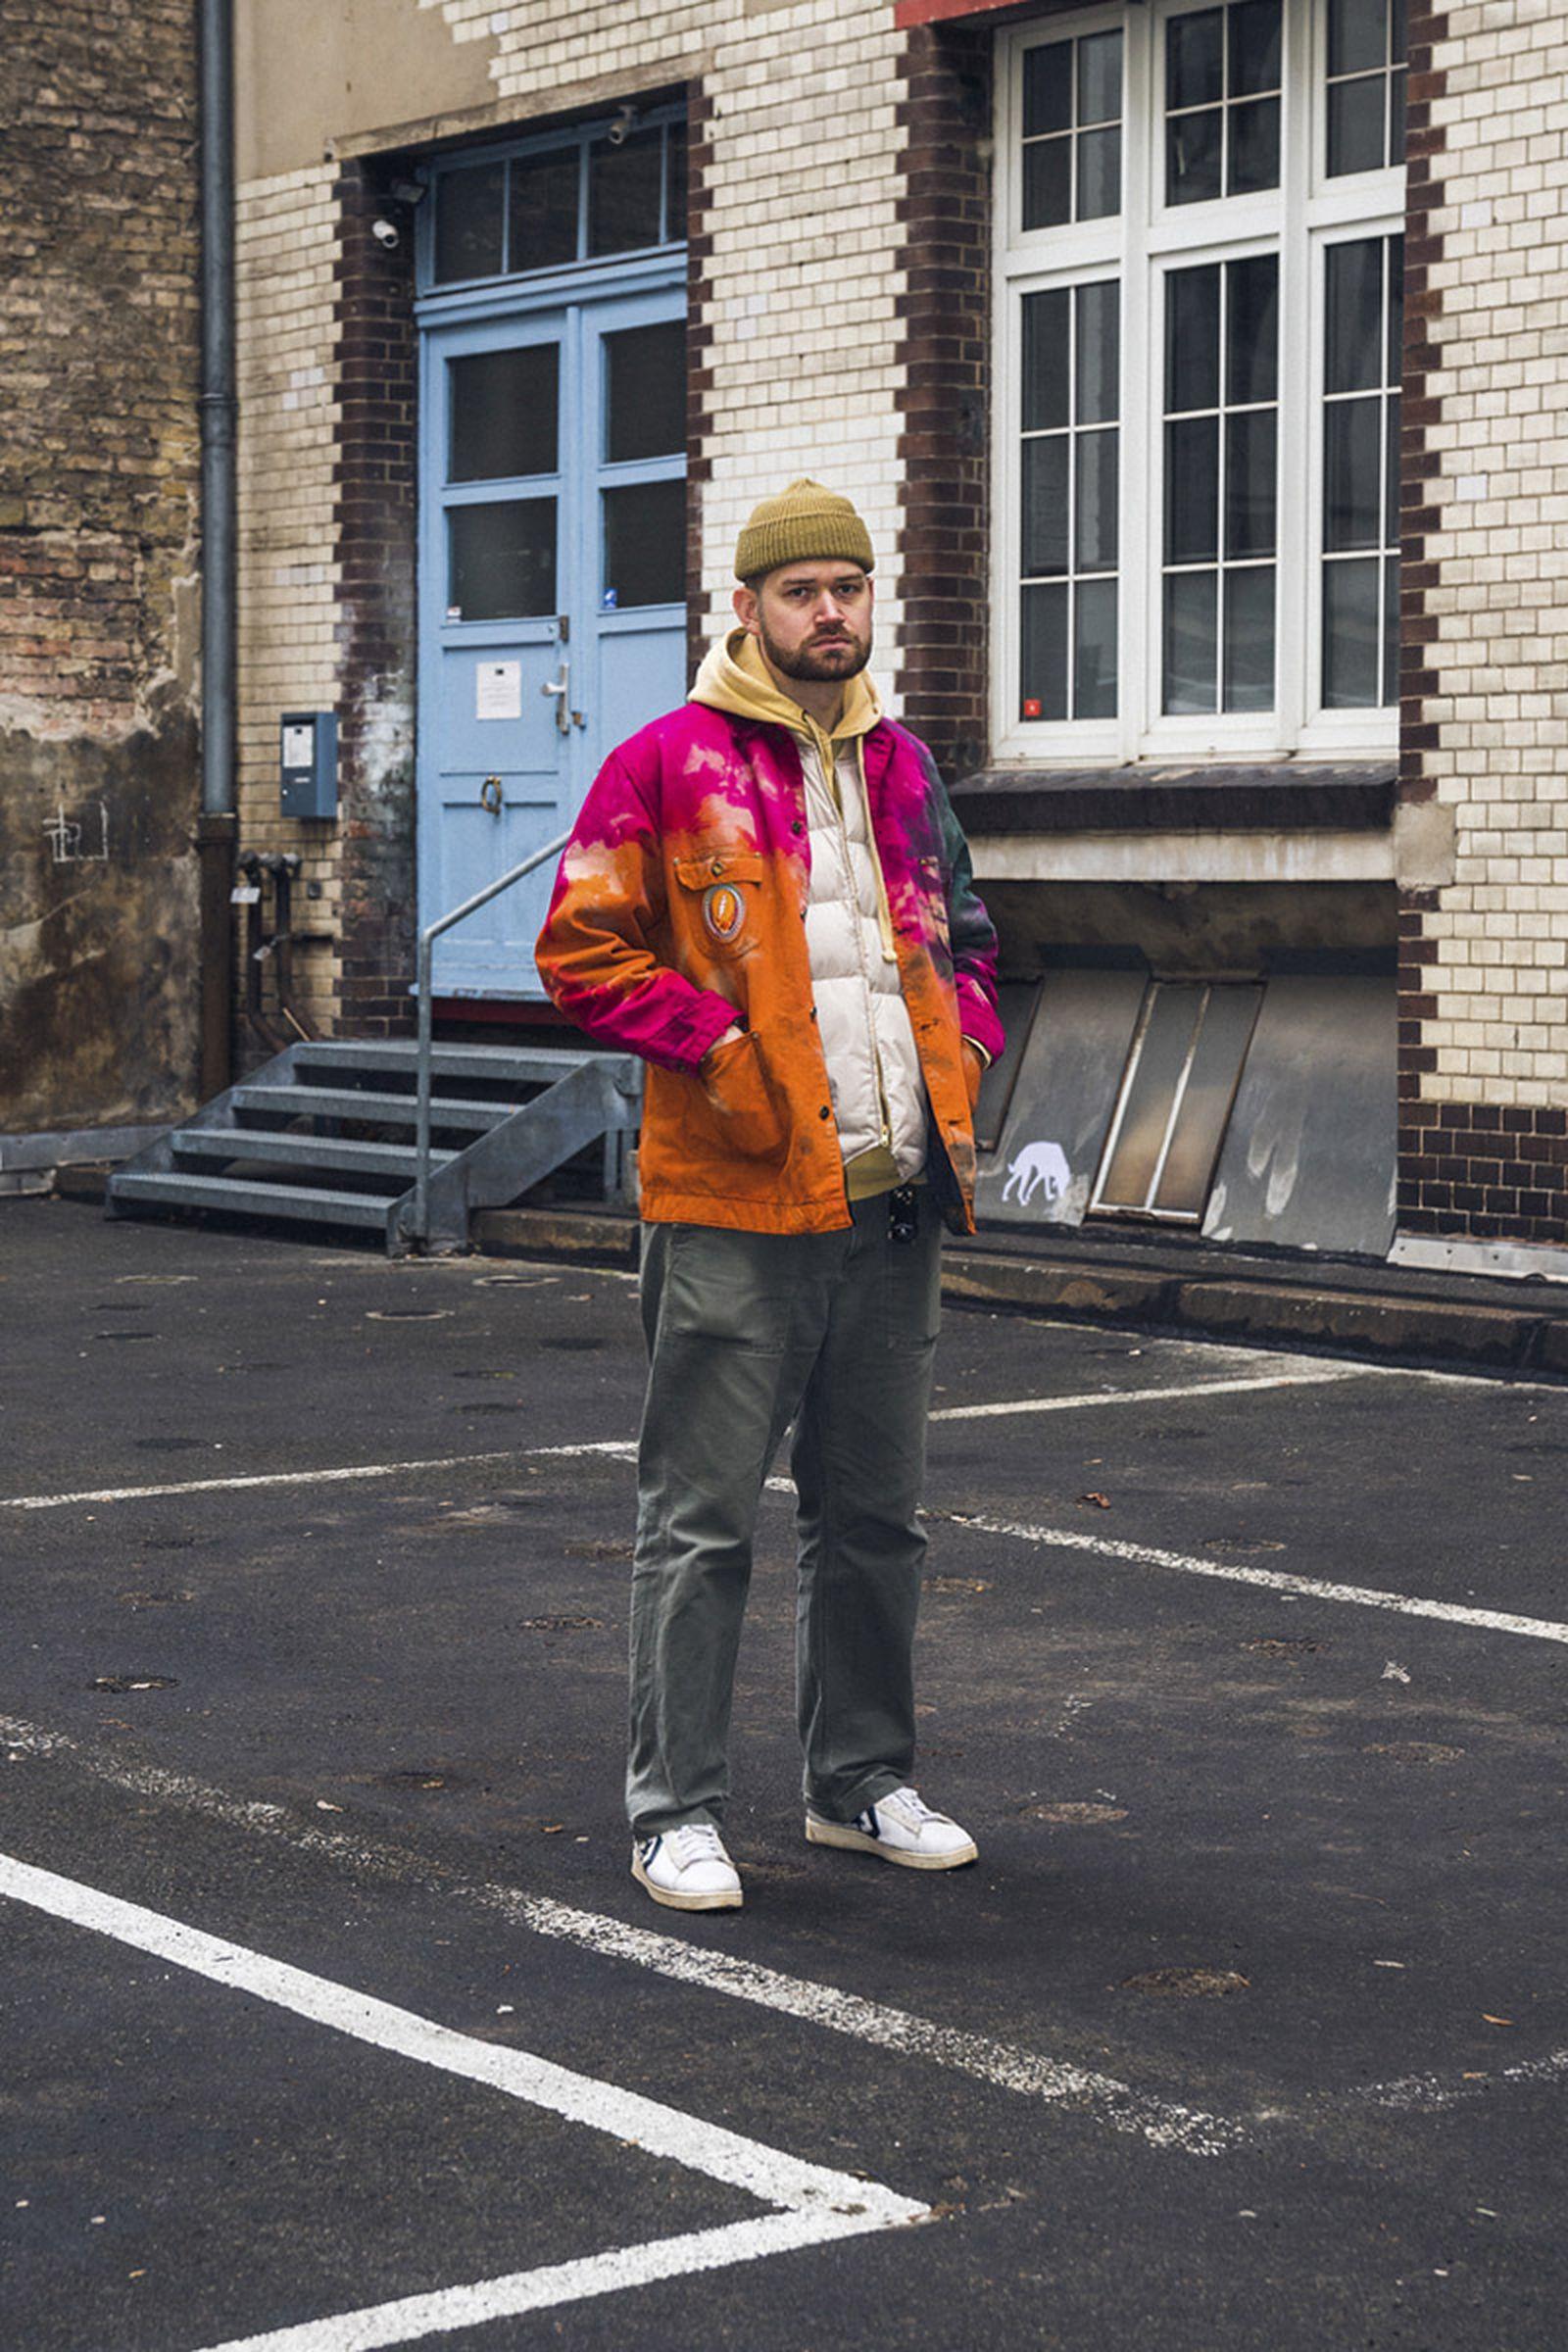 beinghunted-robert-smithson-not-in-paris-@mikerothe-800x1200